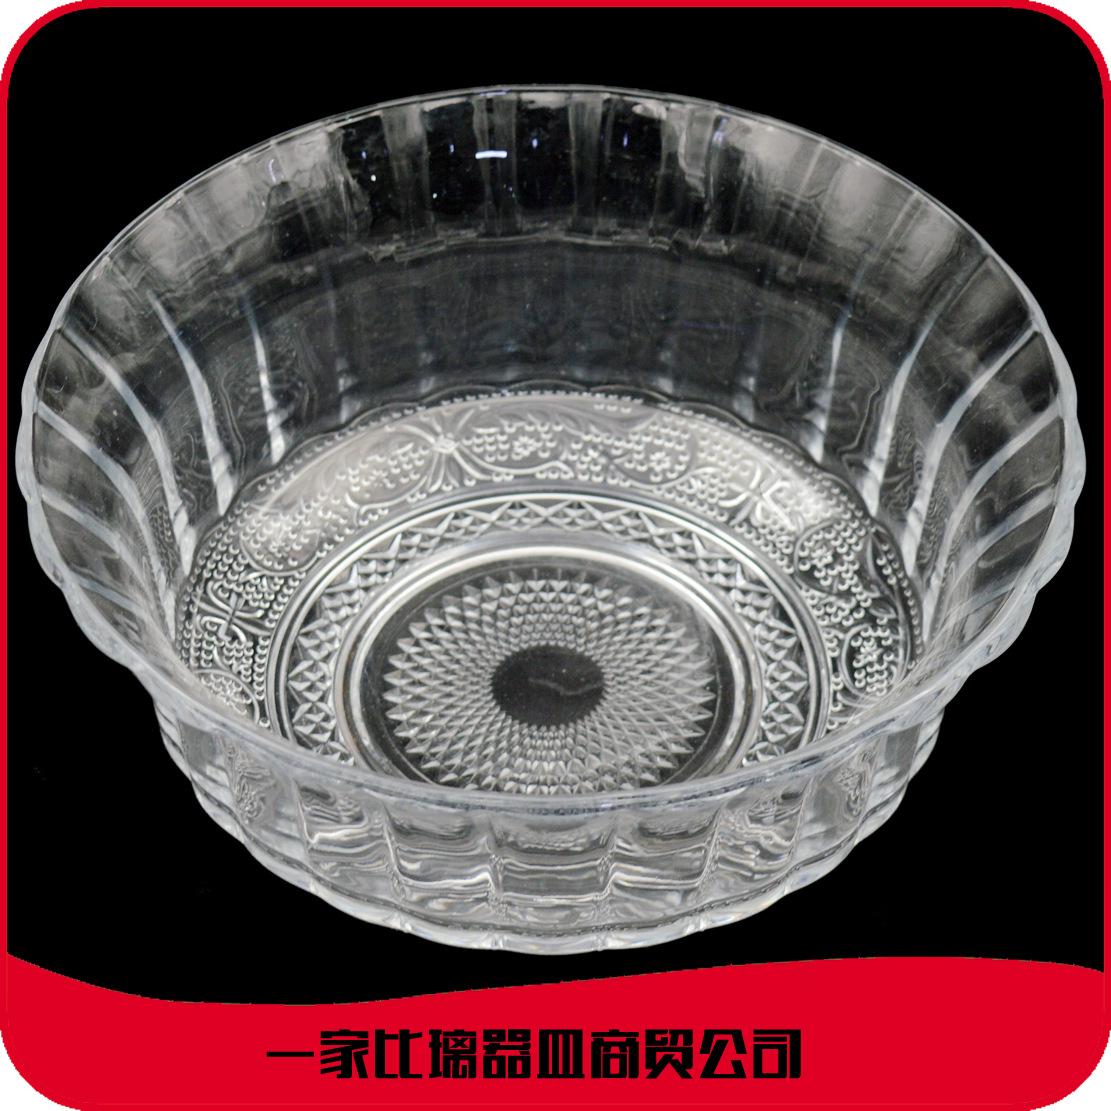 家居酒店创意泡面碗 时尚玻璃水果沙拉碗4579寸凤尾碗珍珠碗批发